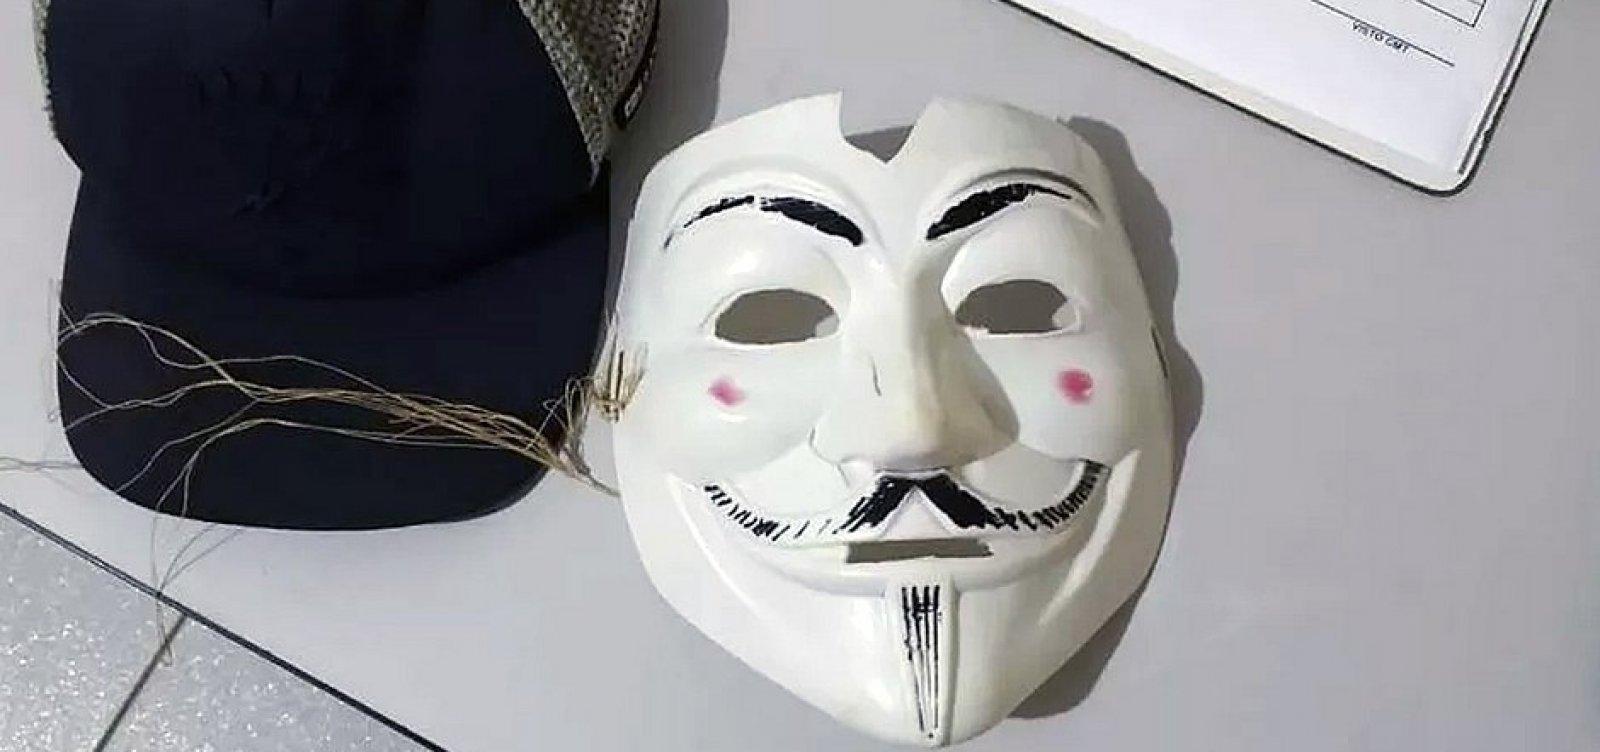 [Três adolescentes mascarados e com machado invadem escola no Paraná]